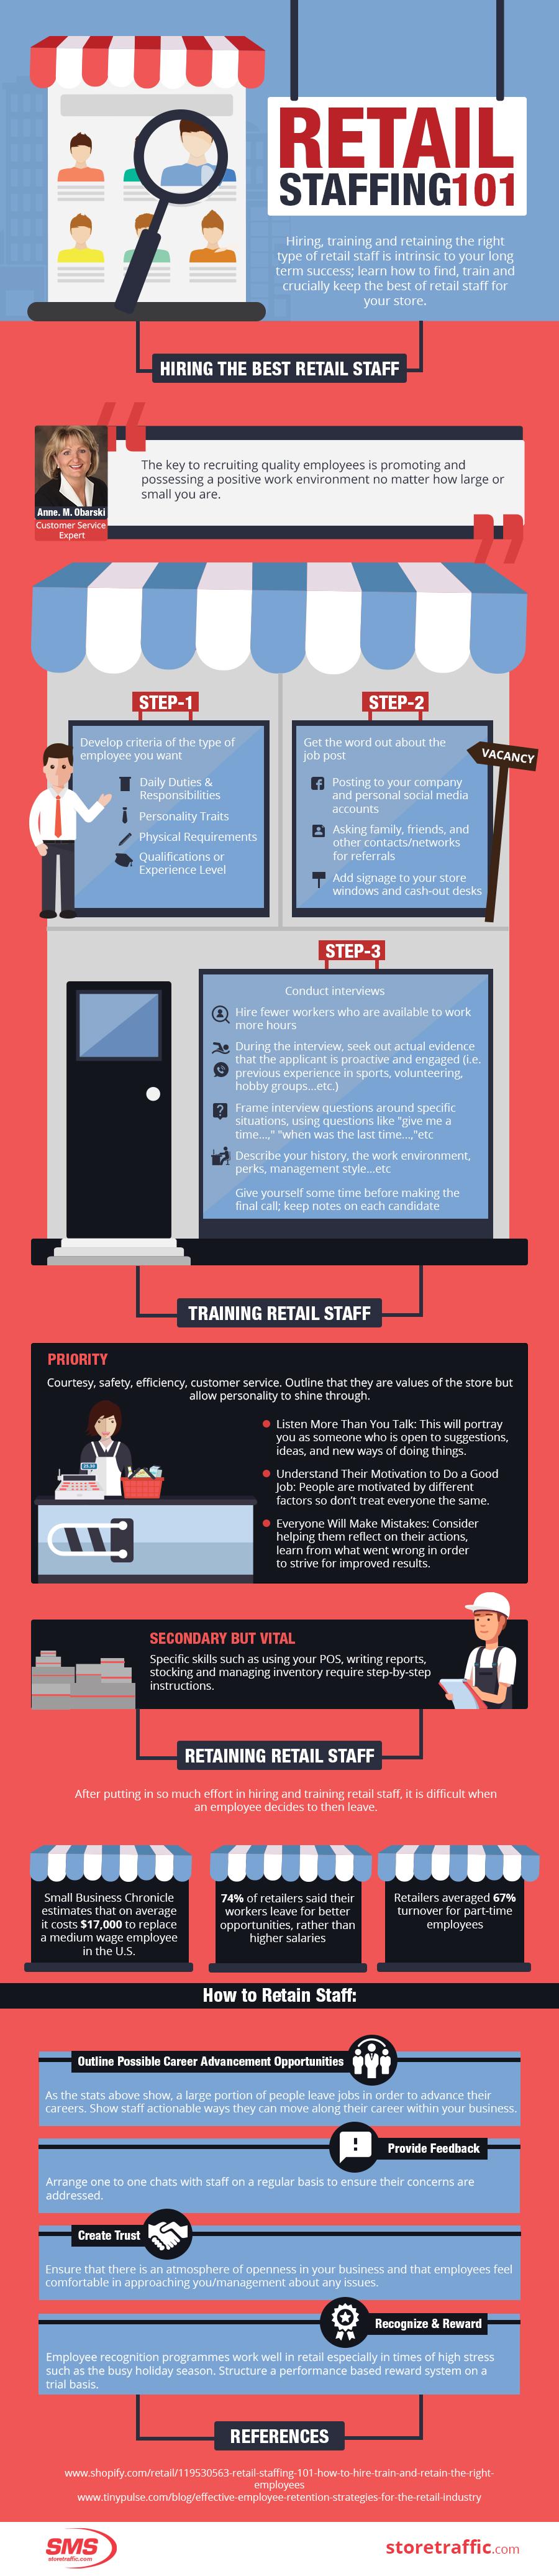 Retail Staffing 101